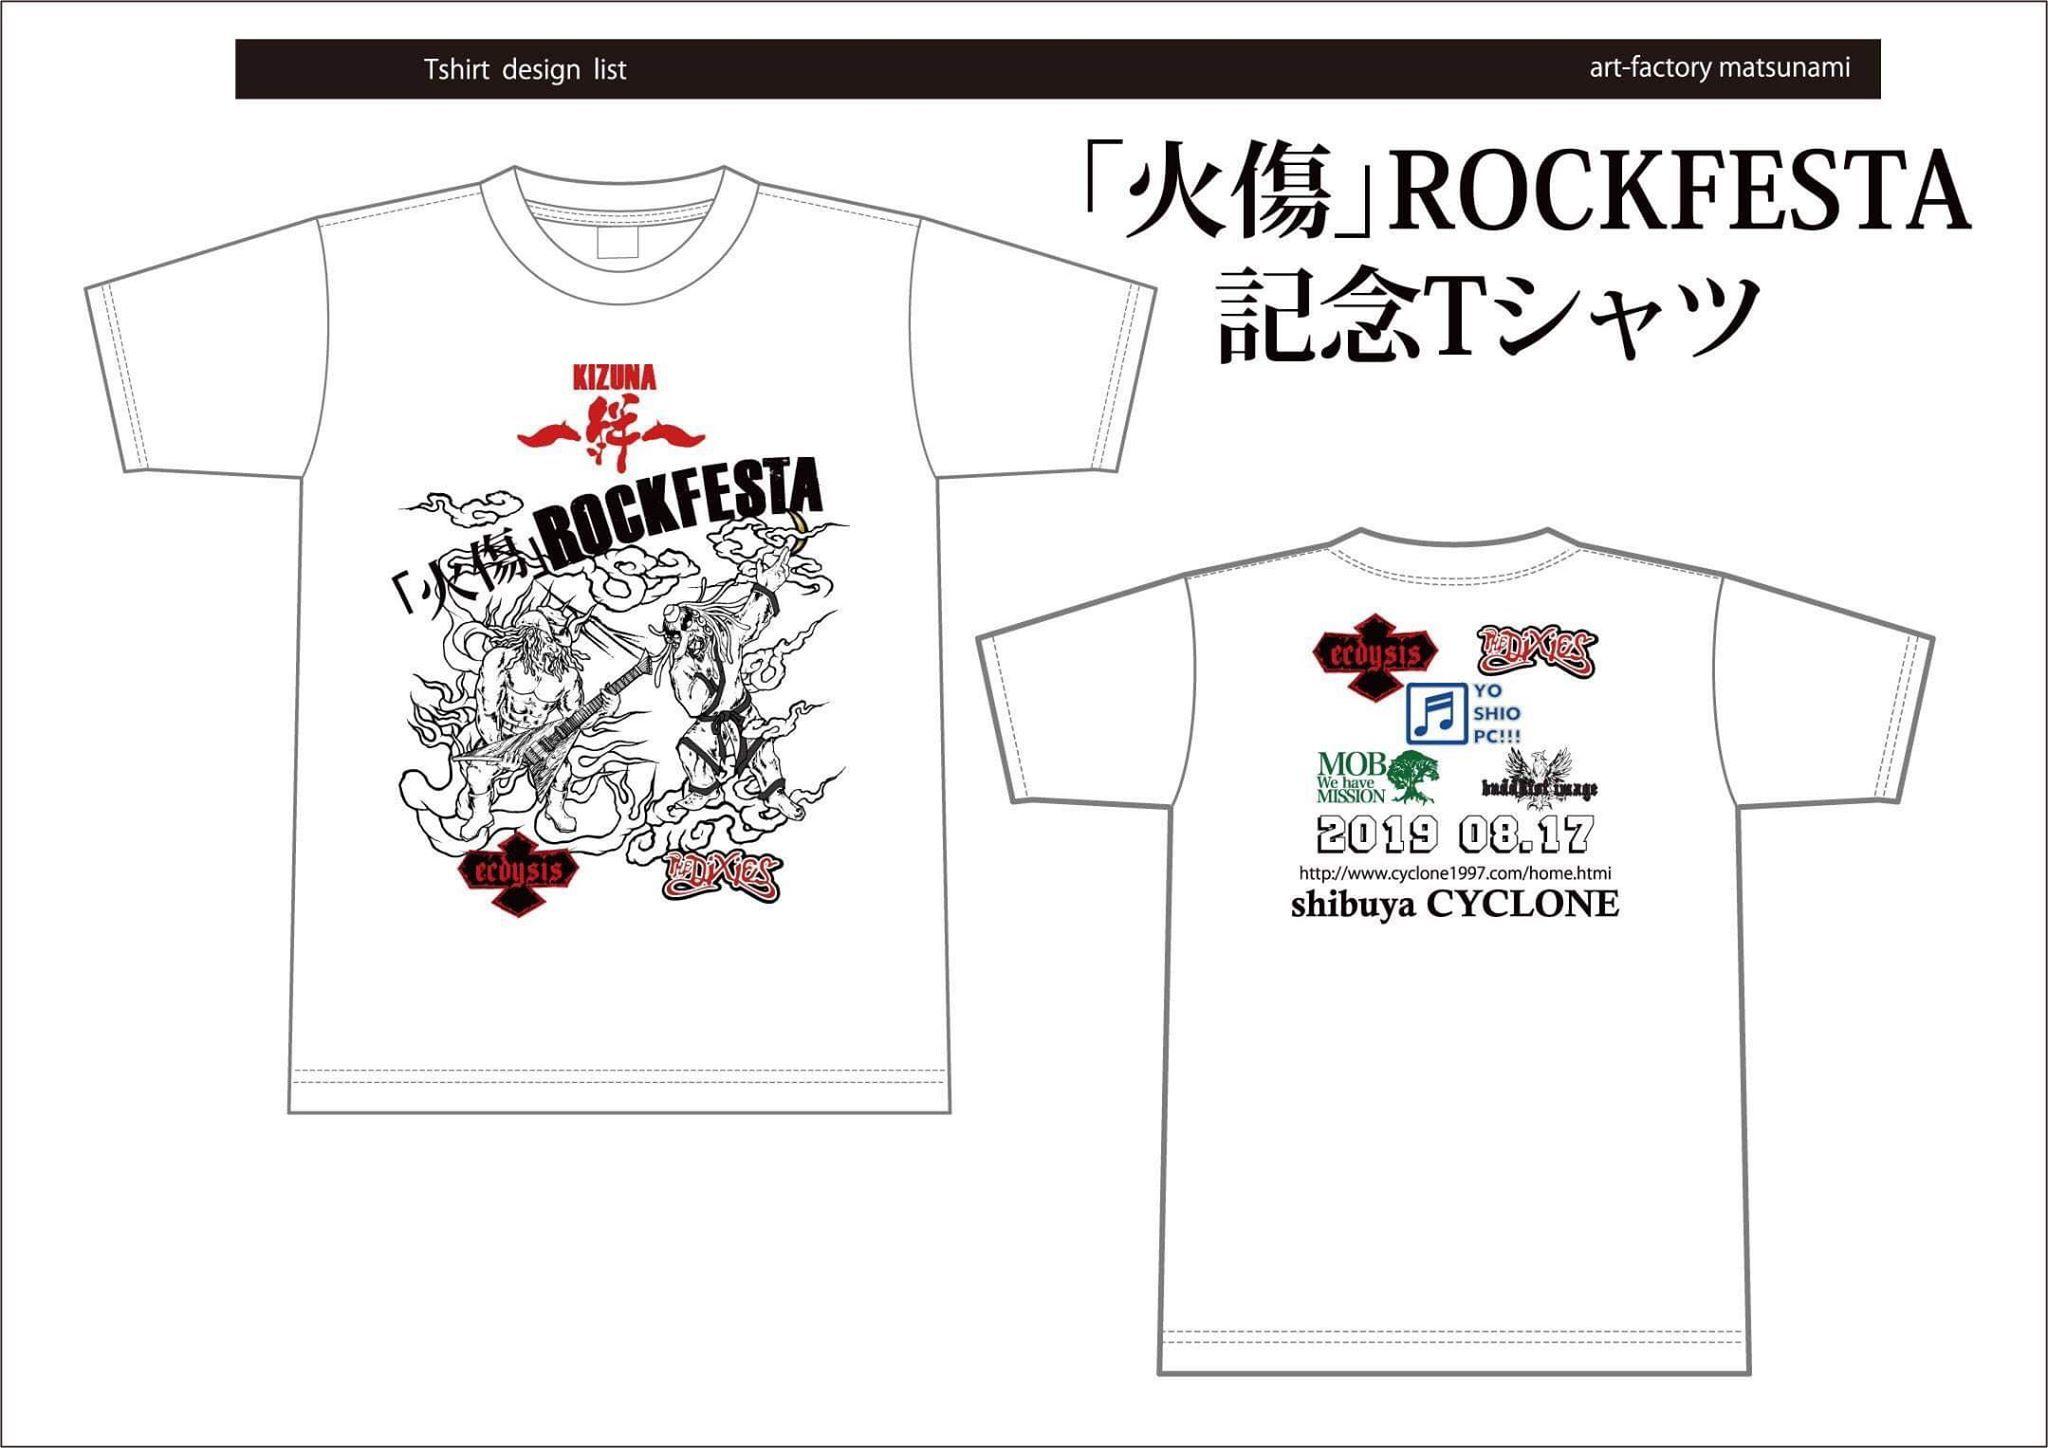 【火傷ROCKFESTA 記念Tシャツ】注文販売開始!んの巻_f0236990_15562294.jpg